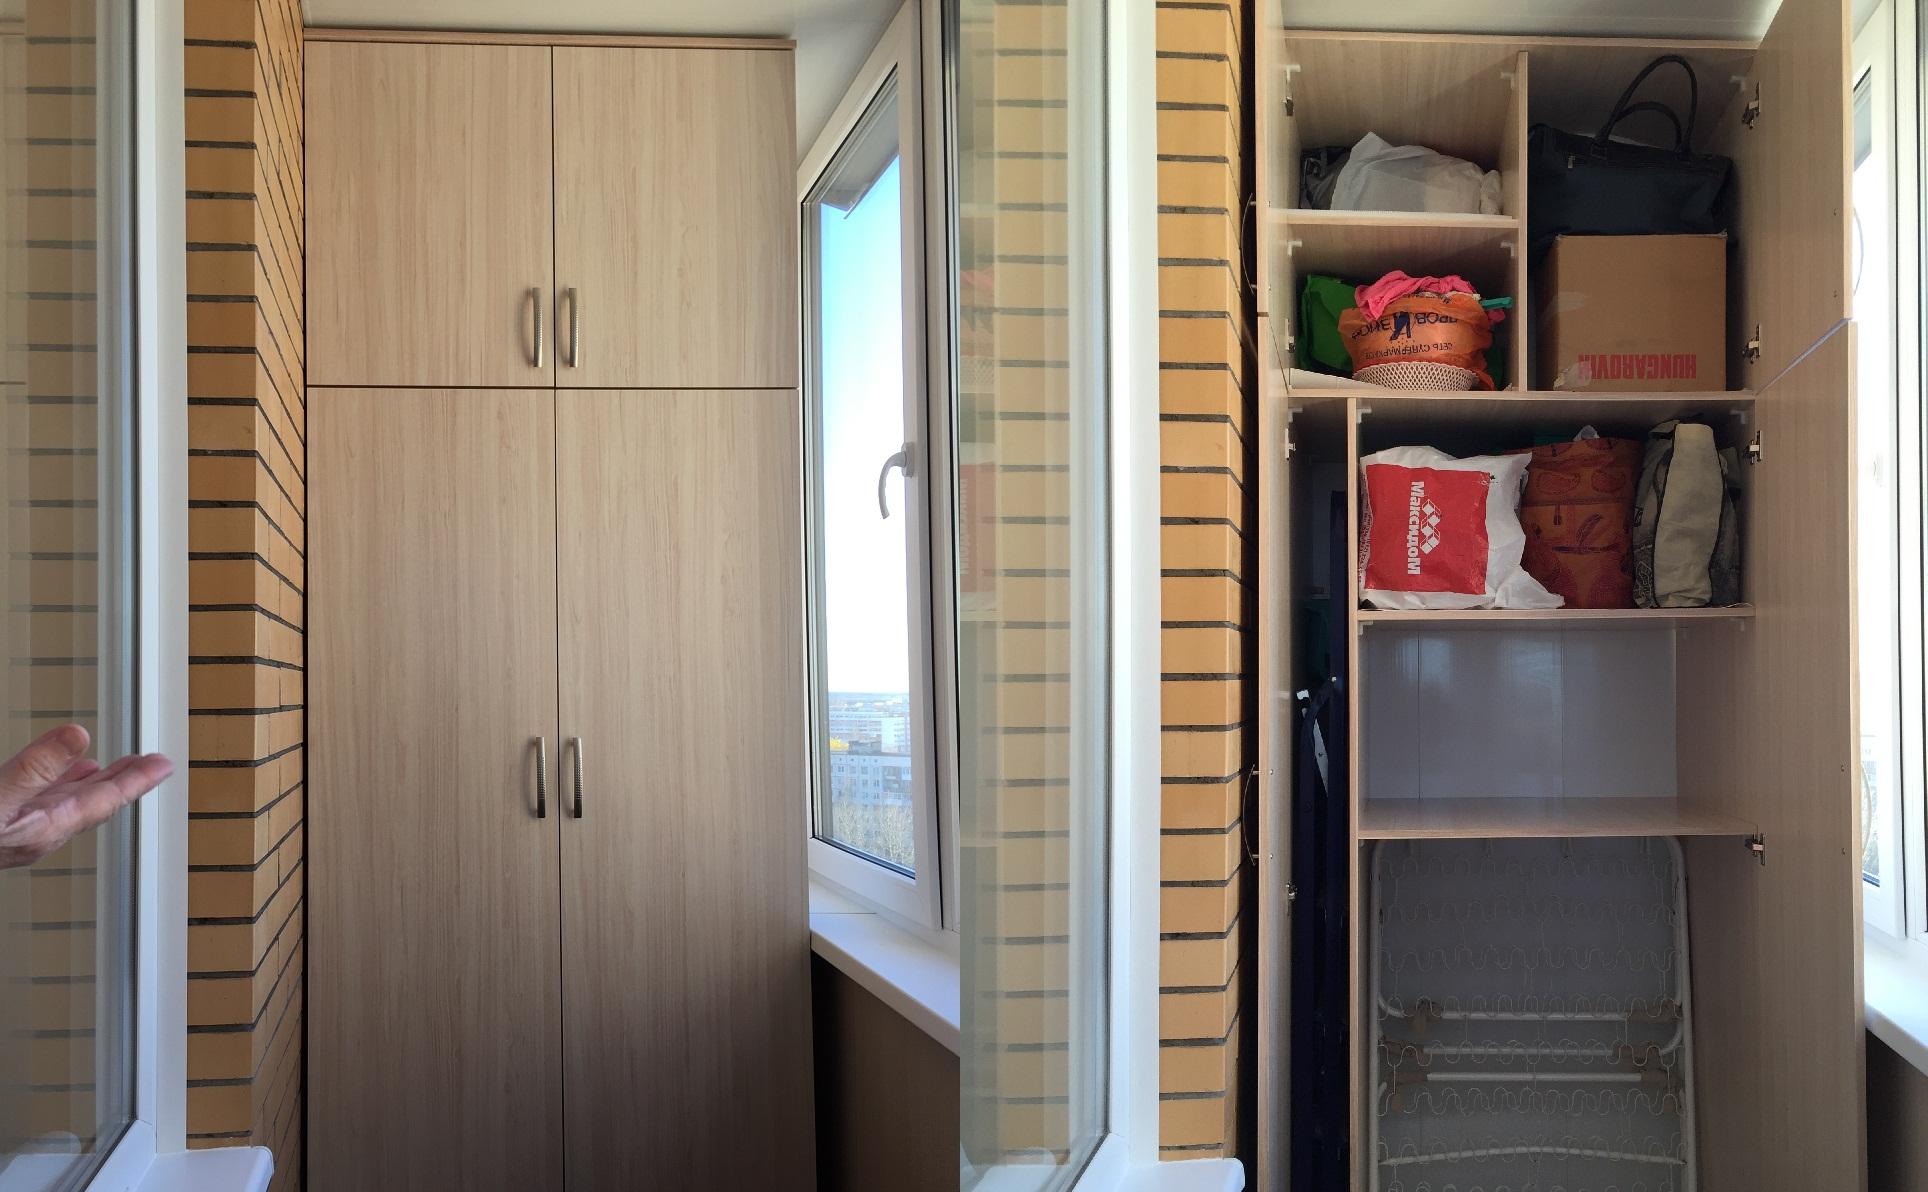 Встроенный шкафчик своими руками фото 774